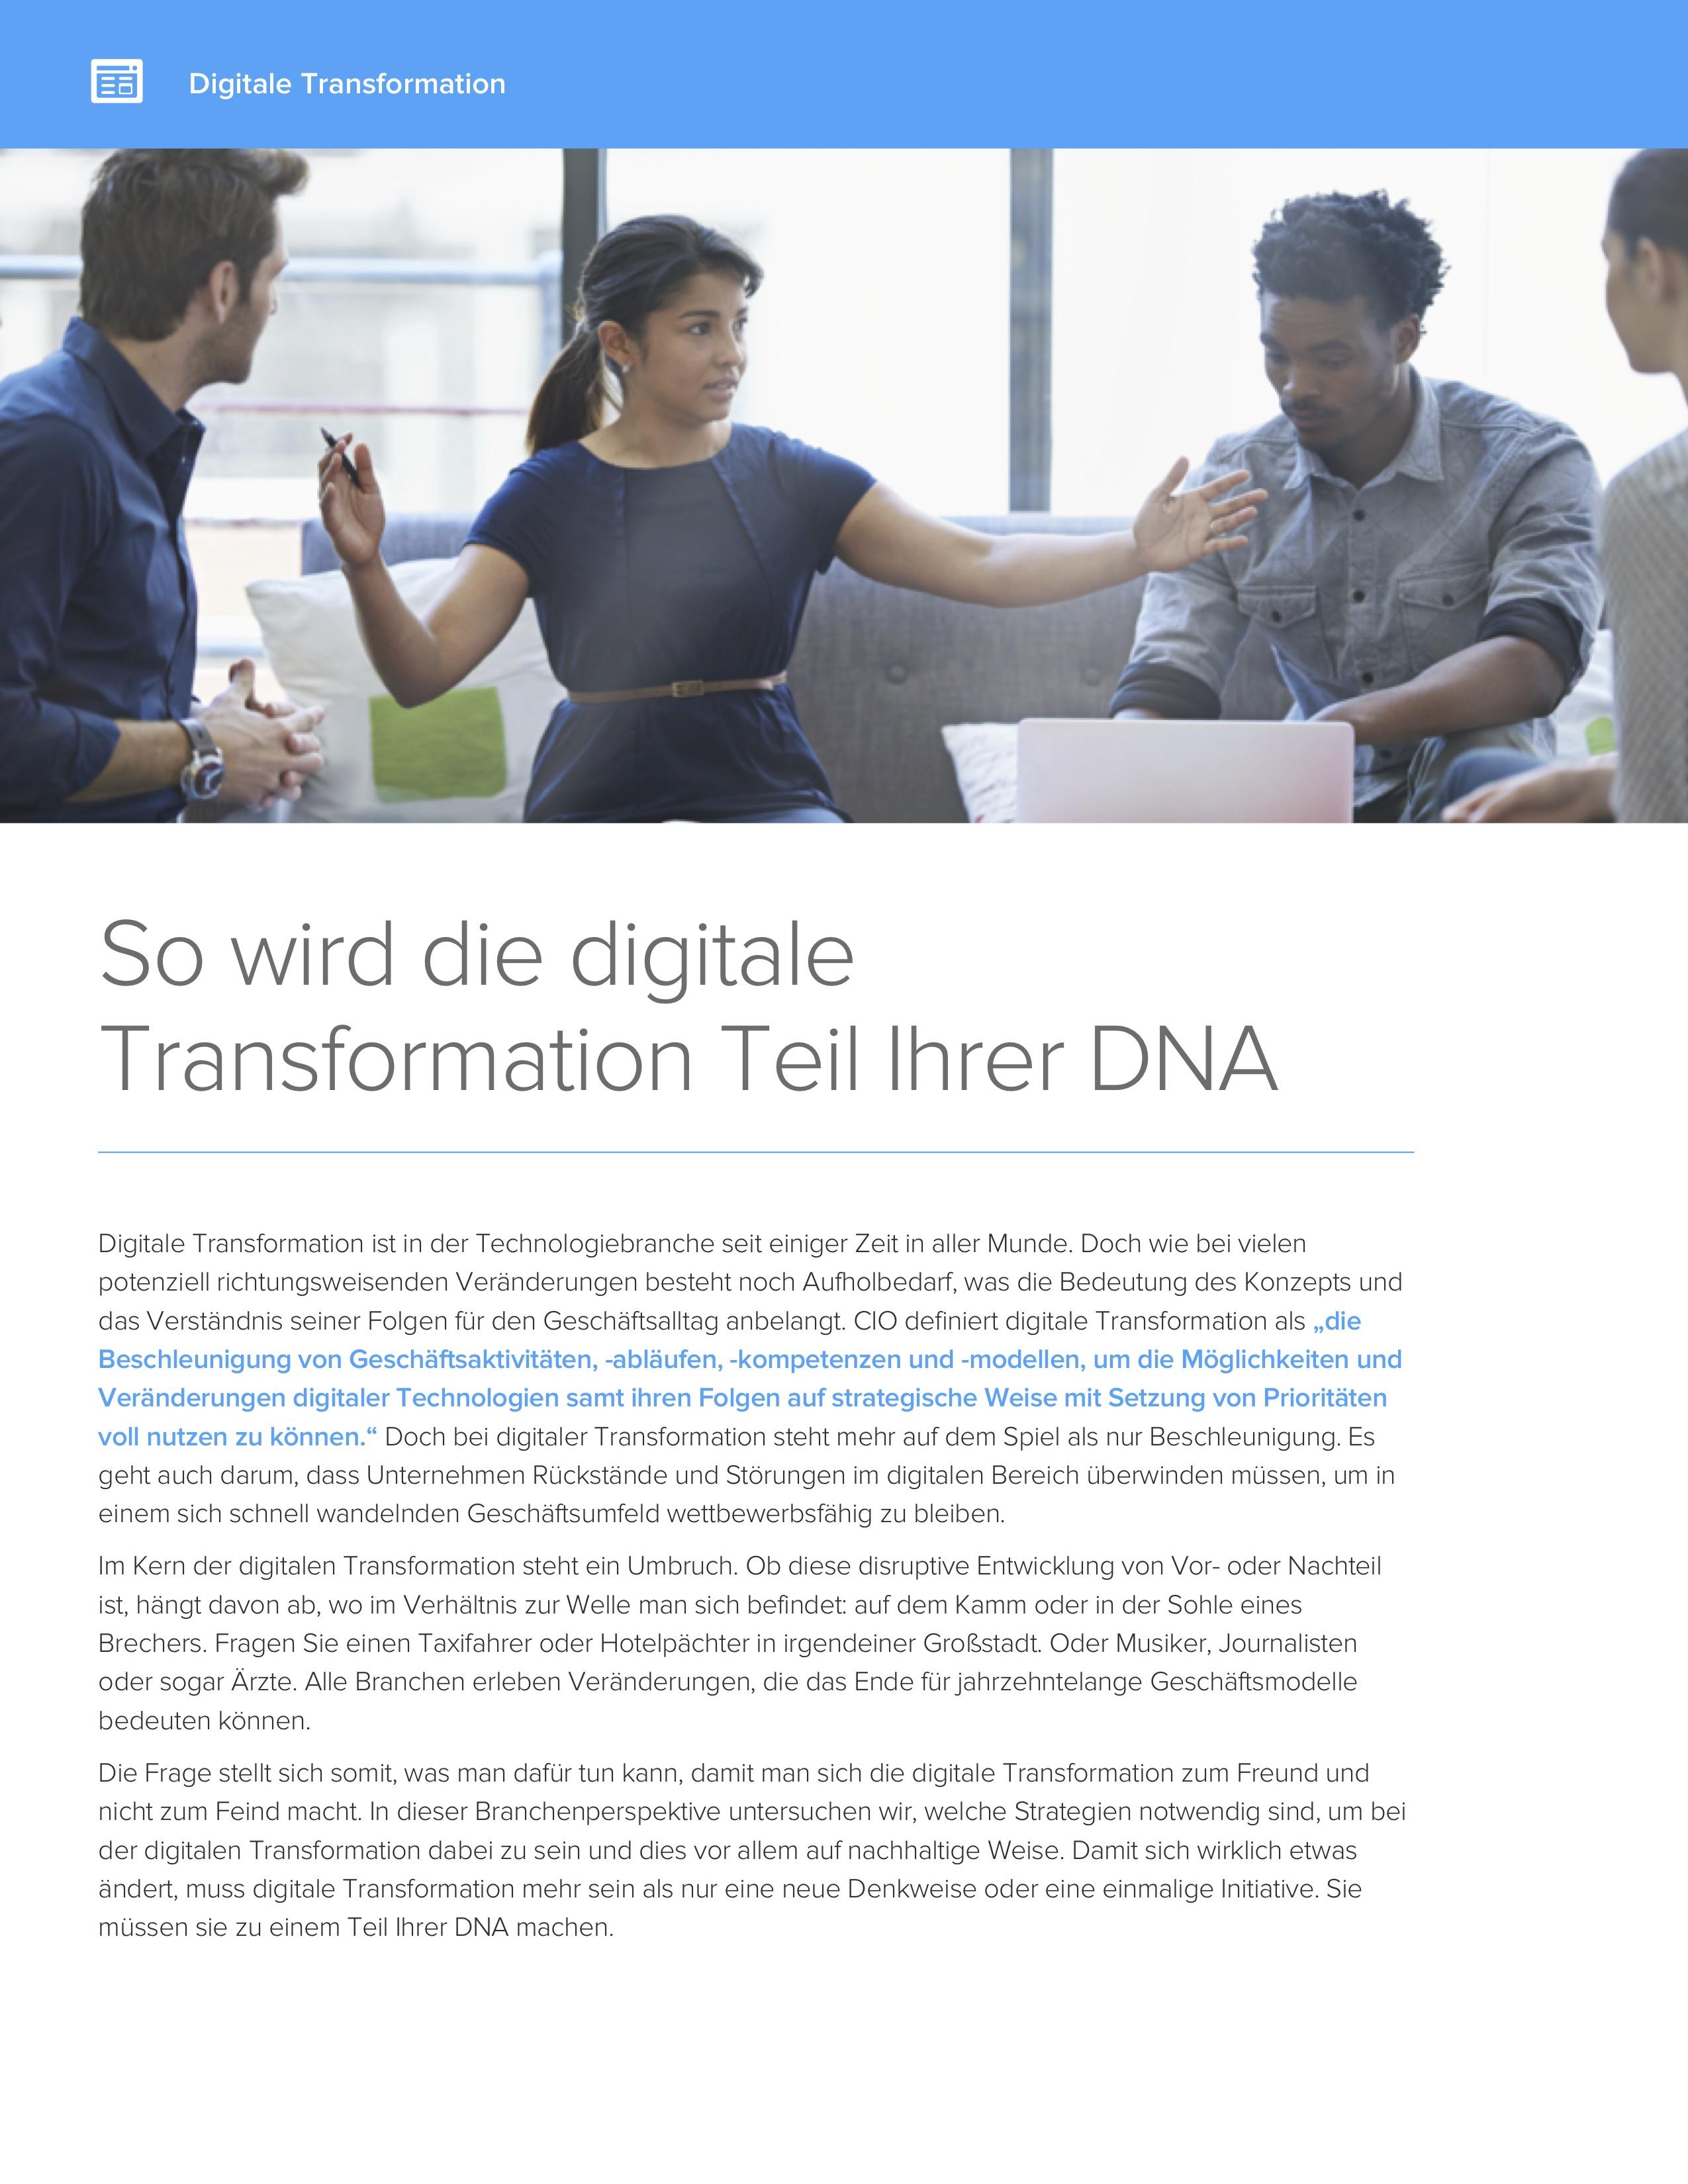 So wird die digitale transformation teil ihrer dnacover